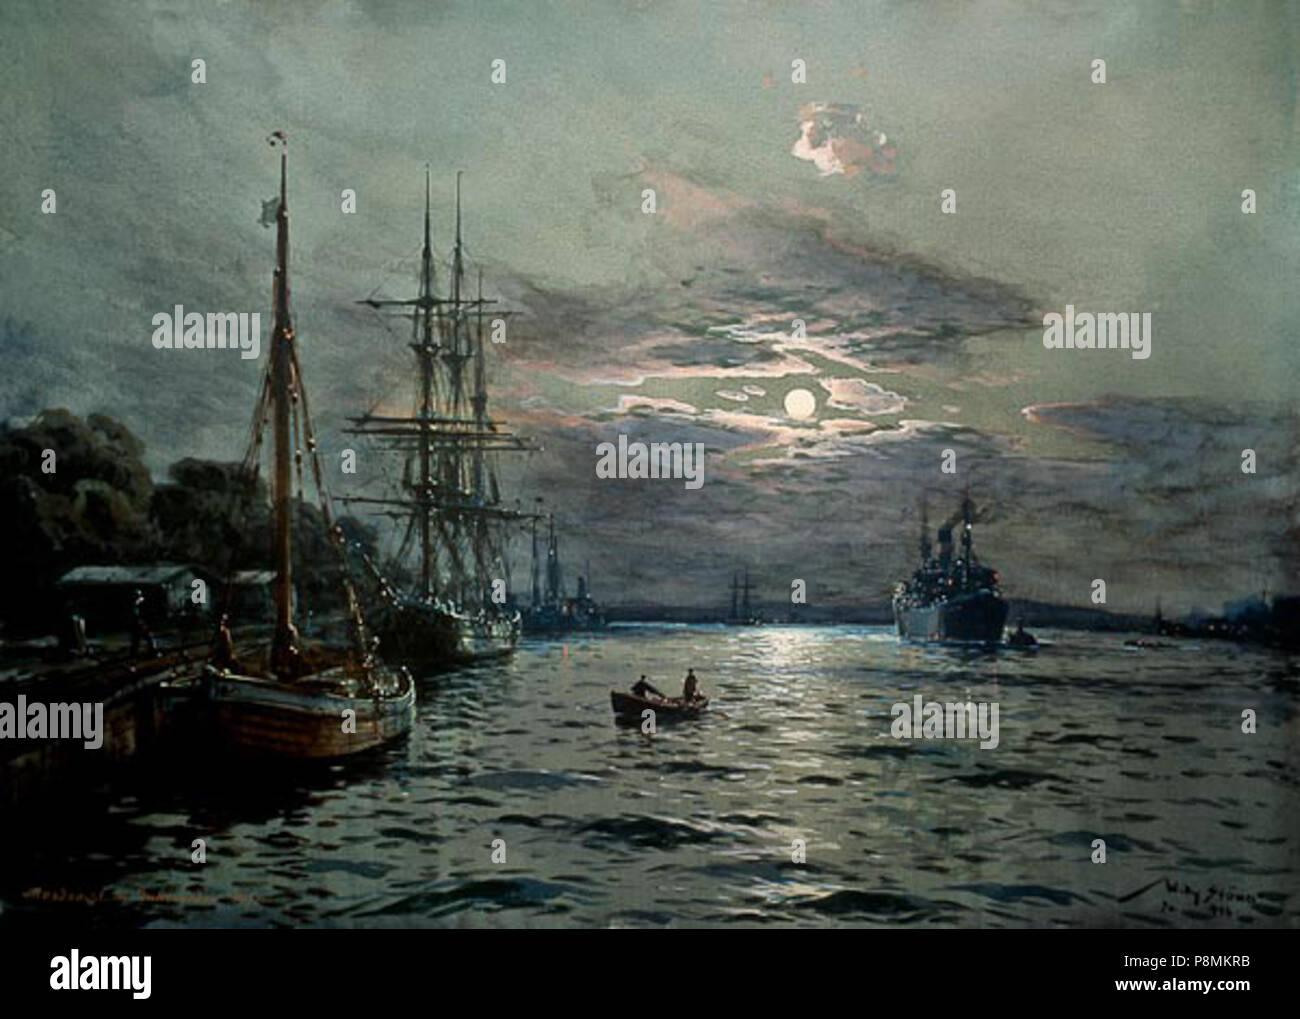 584 Willy Stöwer - Mondnacht im Hafen von Swinemünde Stock Photo